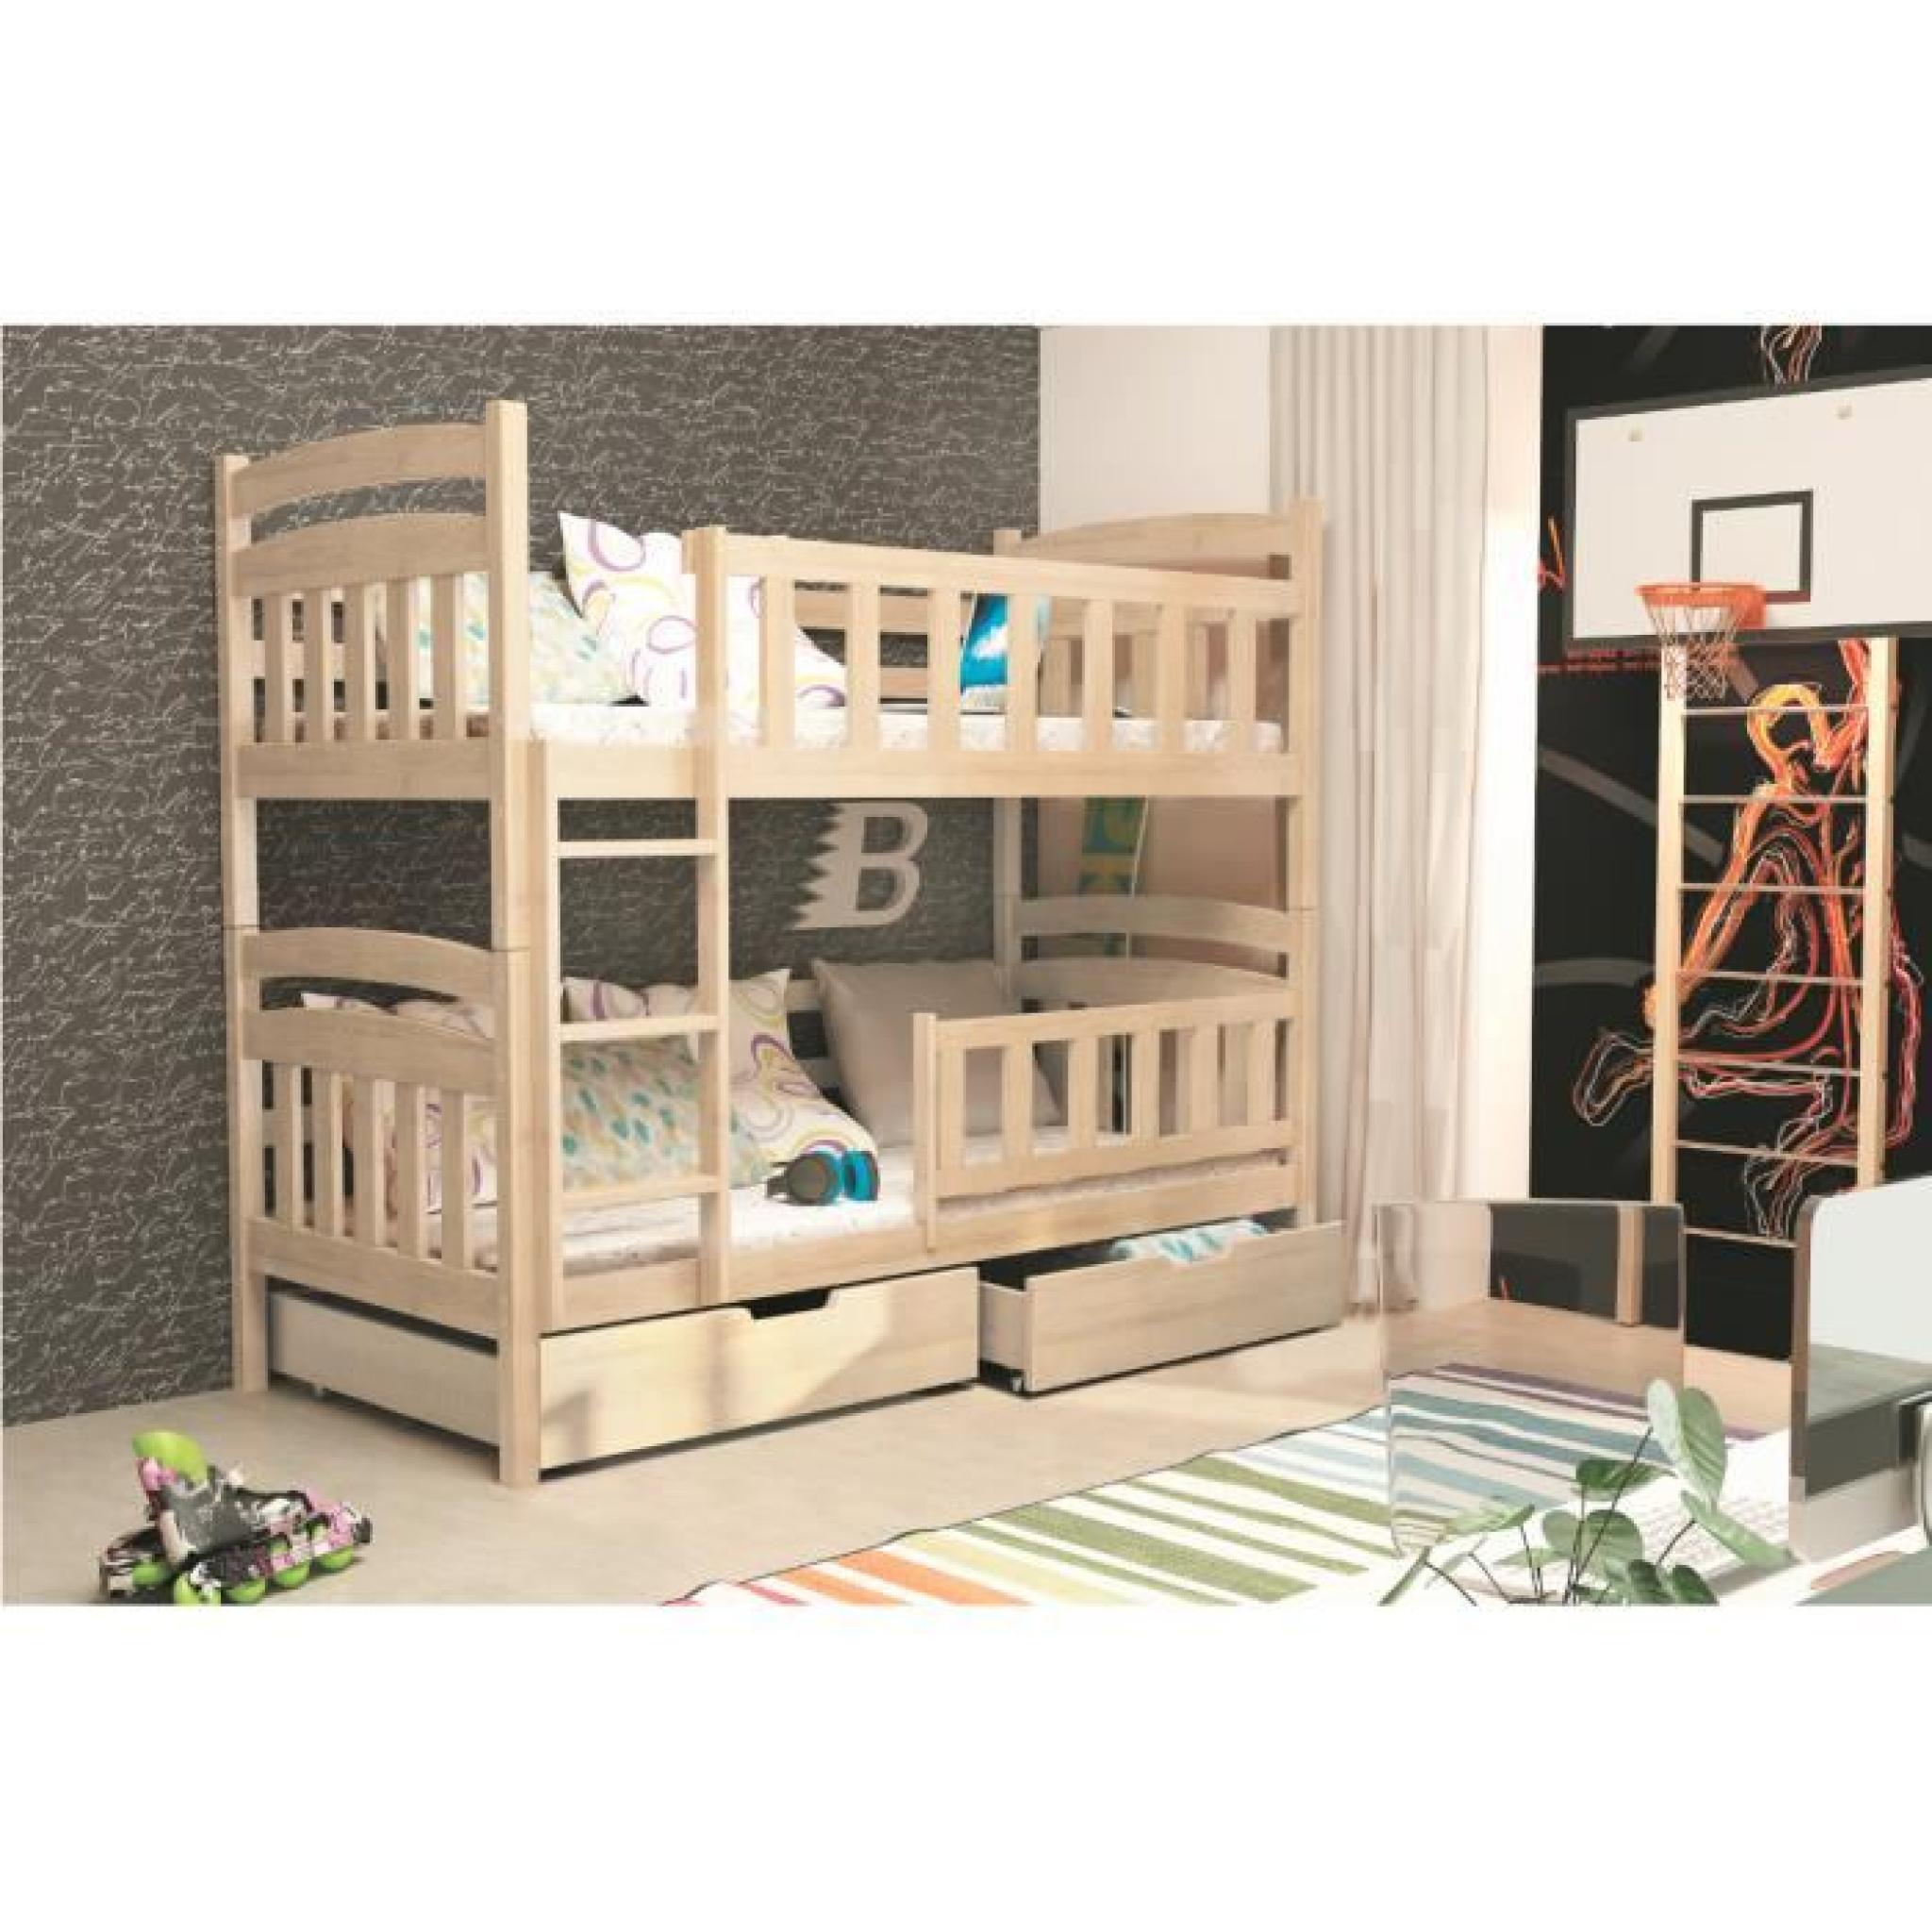 lit superpos enfant kacper 2 pin naturel 185x80 achat vente lit superpose pas cher couleur. Black Bedroom Furniture Sets. Home Design Ideas